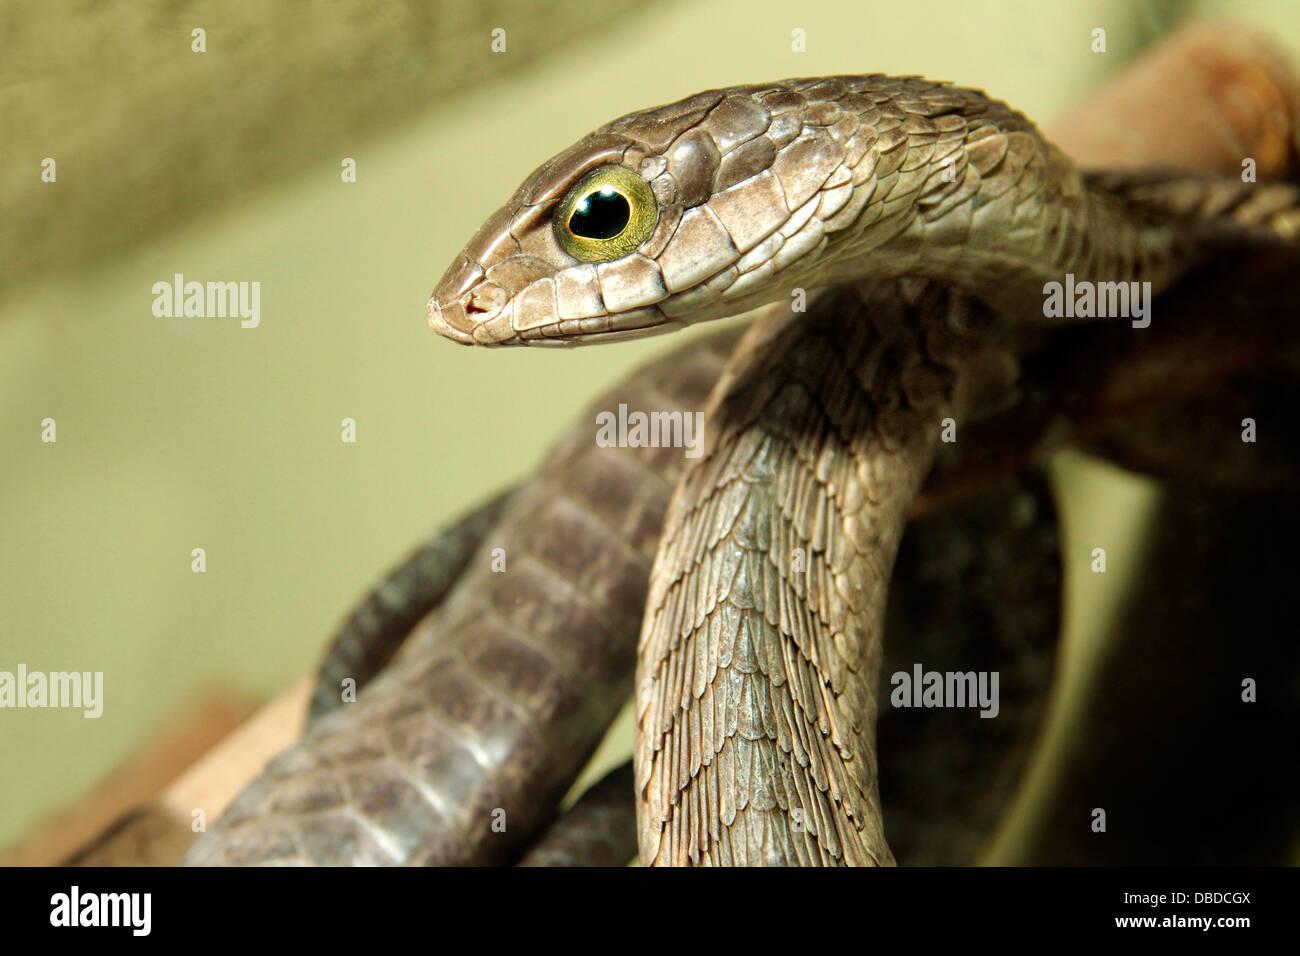 Il boomslang o albero snake è un timido serpente e la maggior parte dei morsi si verificano quando le persone Immagini Stock